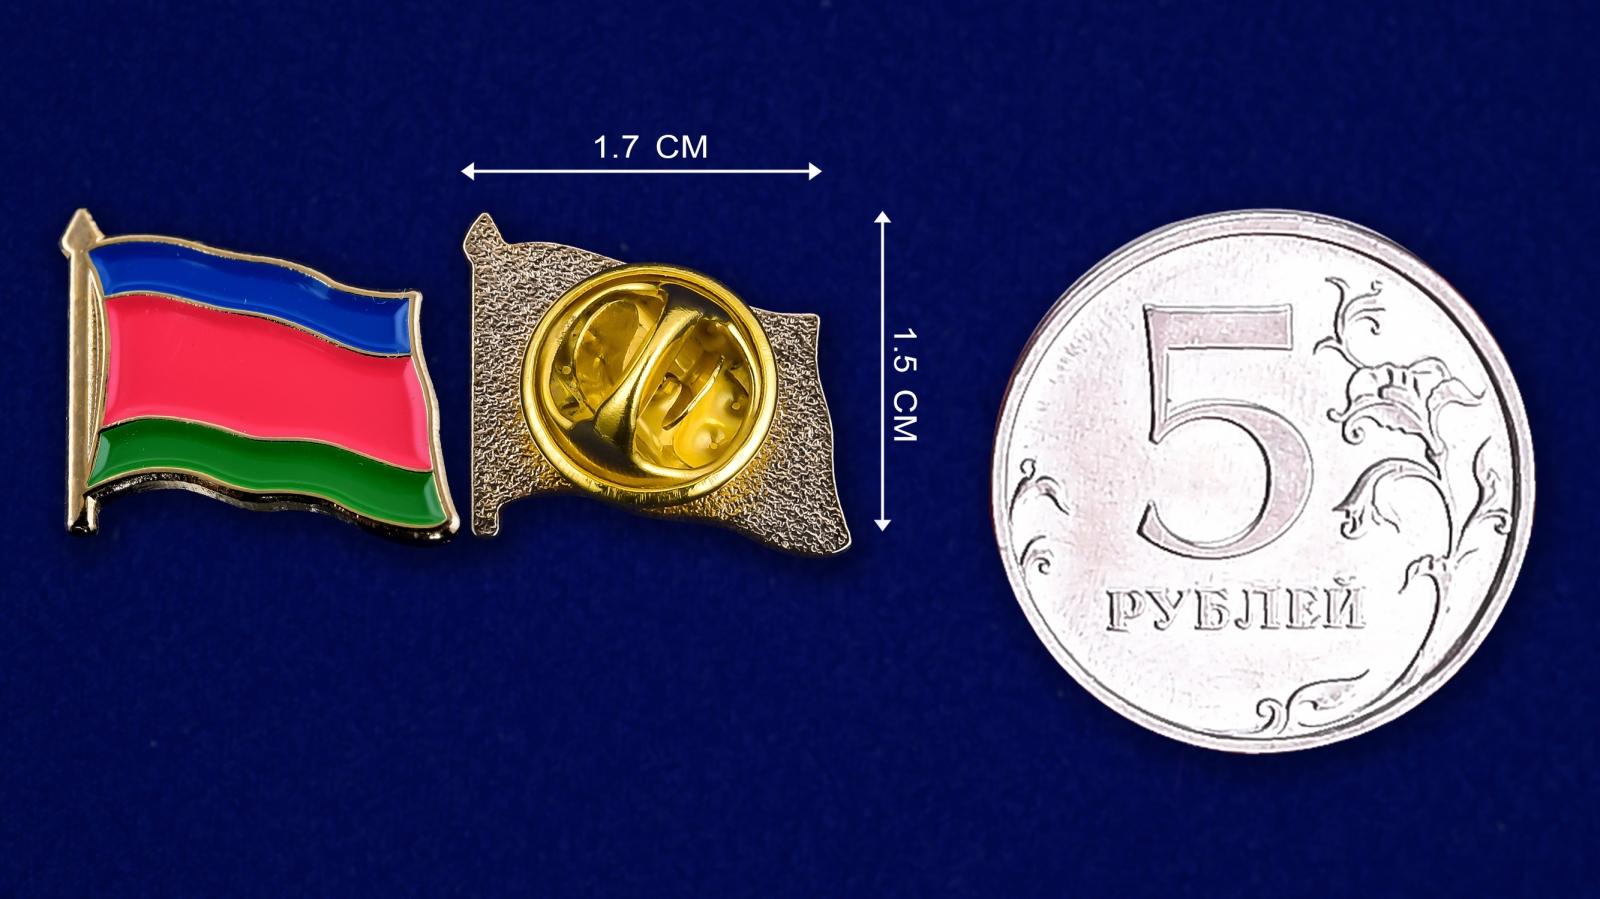 Значок Войска Кубанского-сравнительный размер